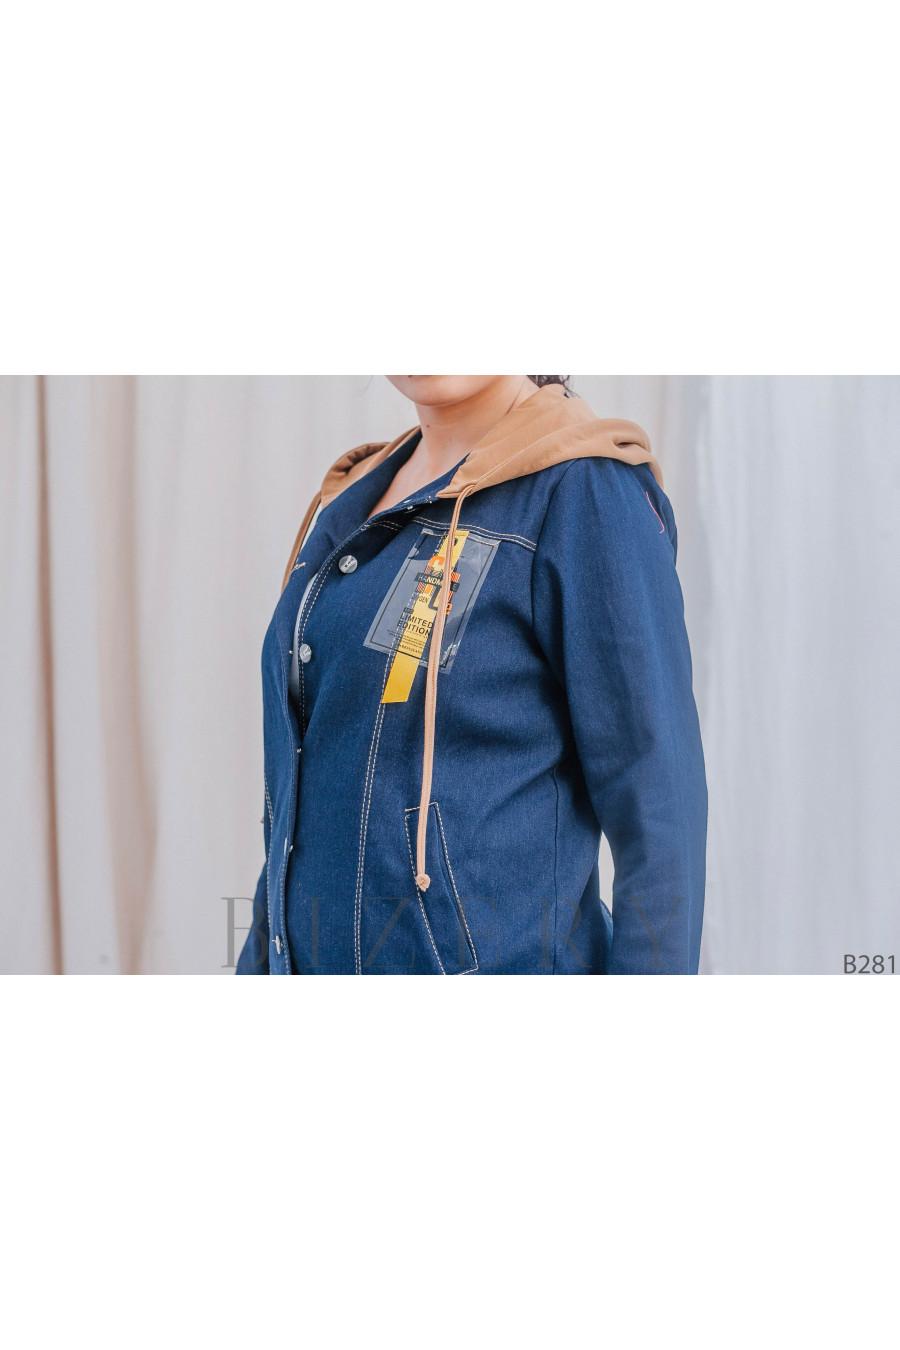 Джинсовая куртка бомбер тёмно-синяя с коричневым капюшоном В281